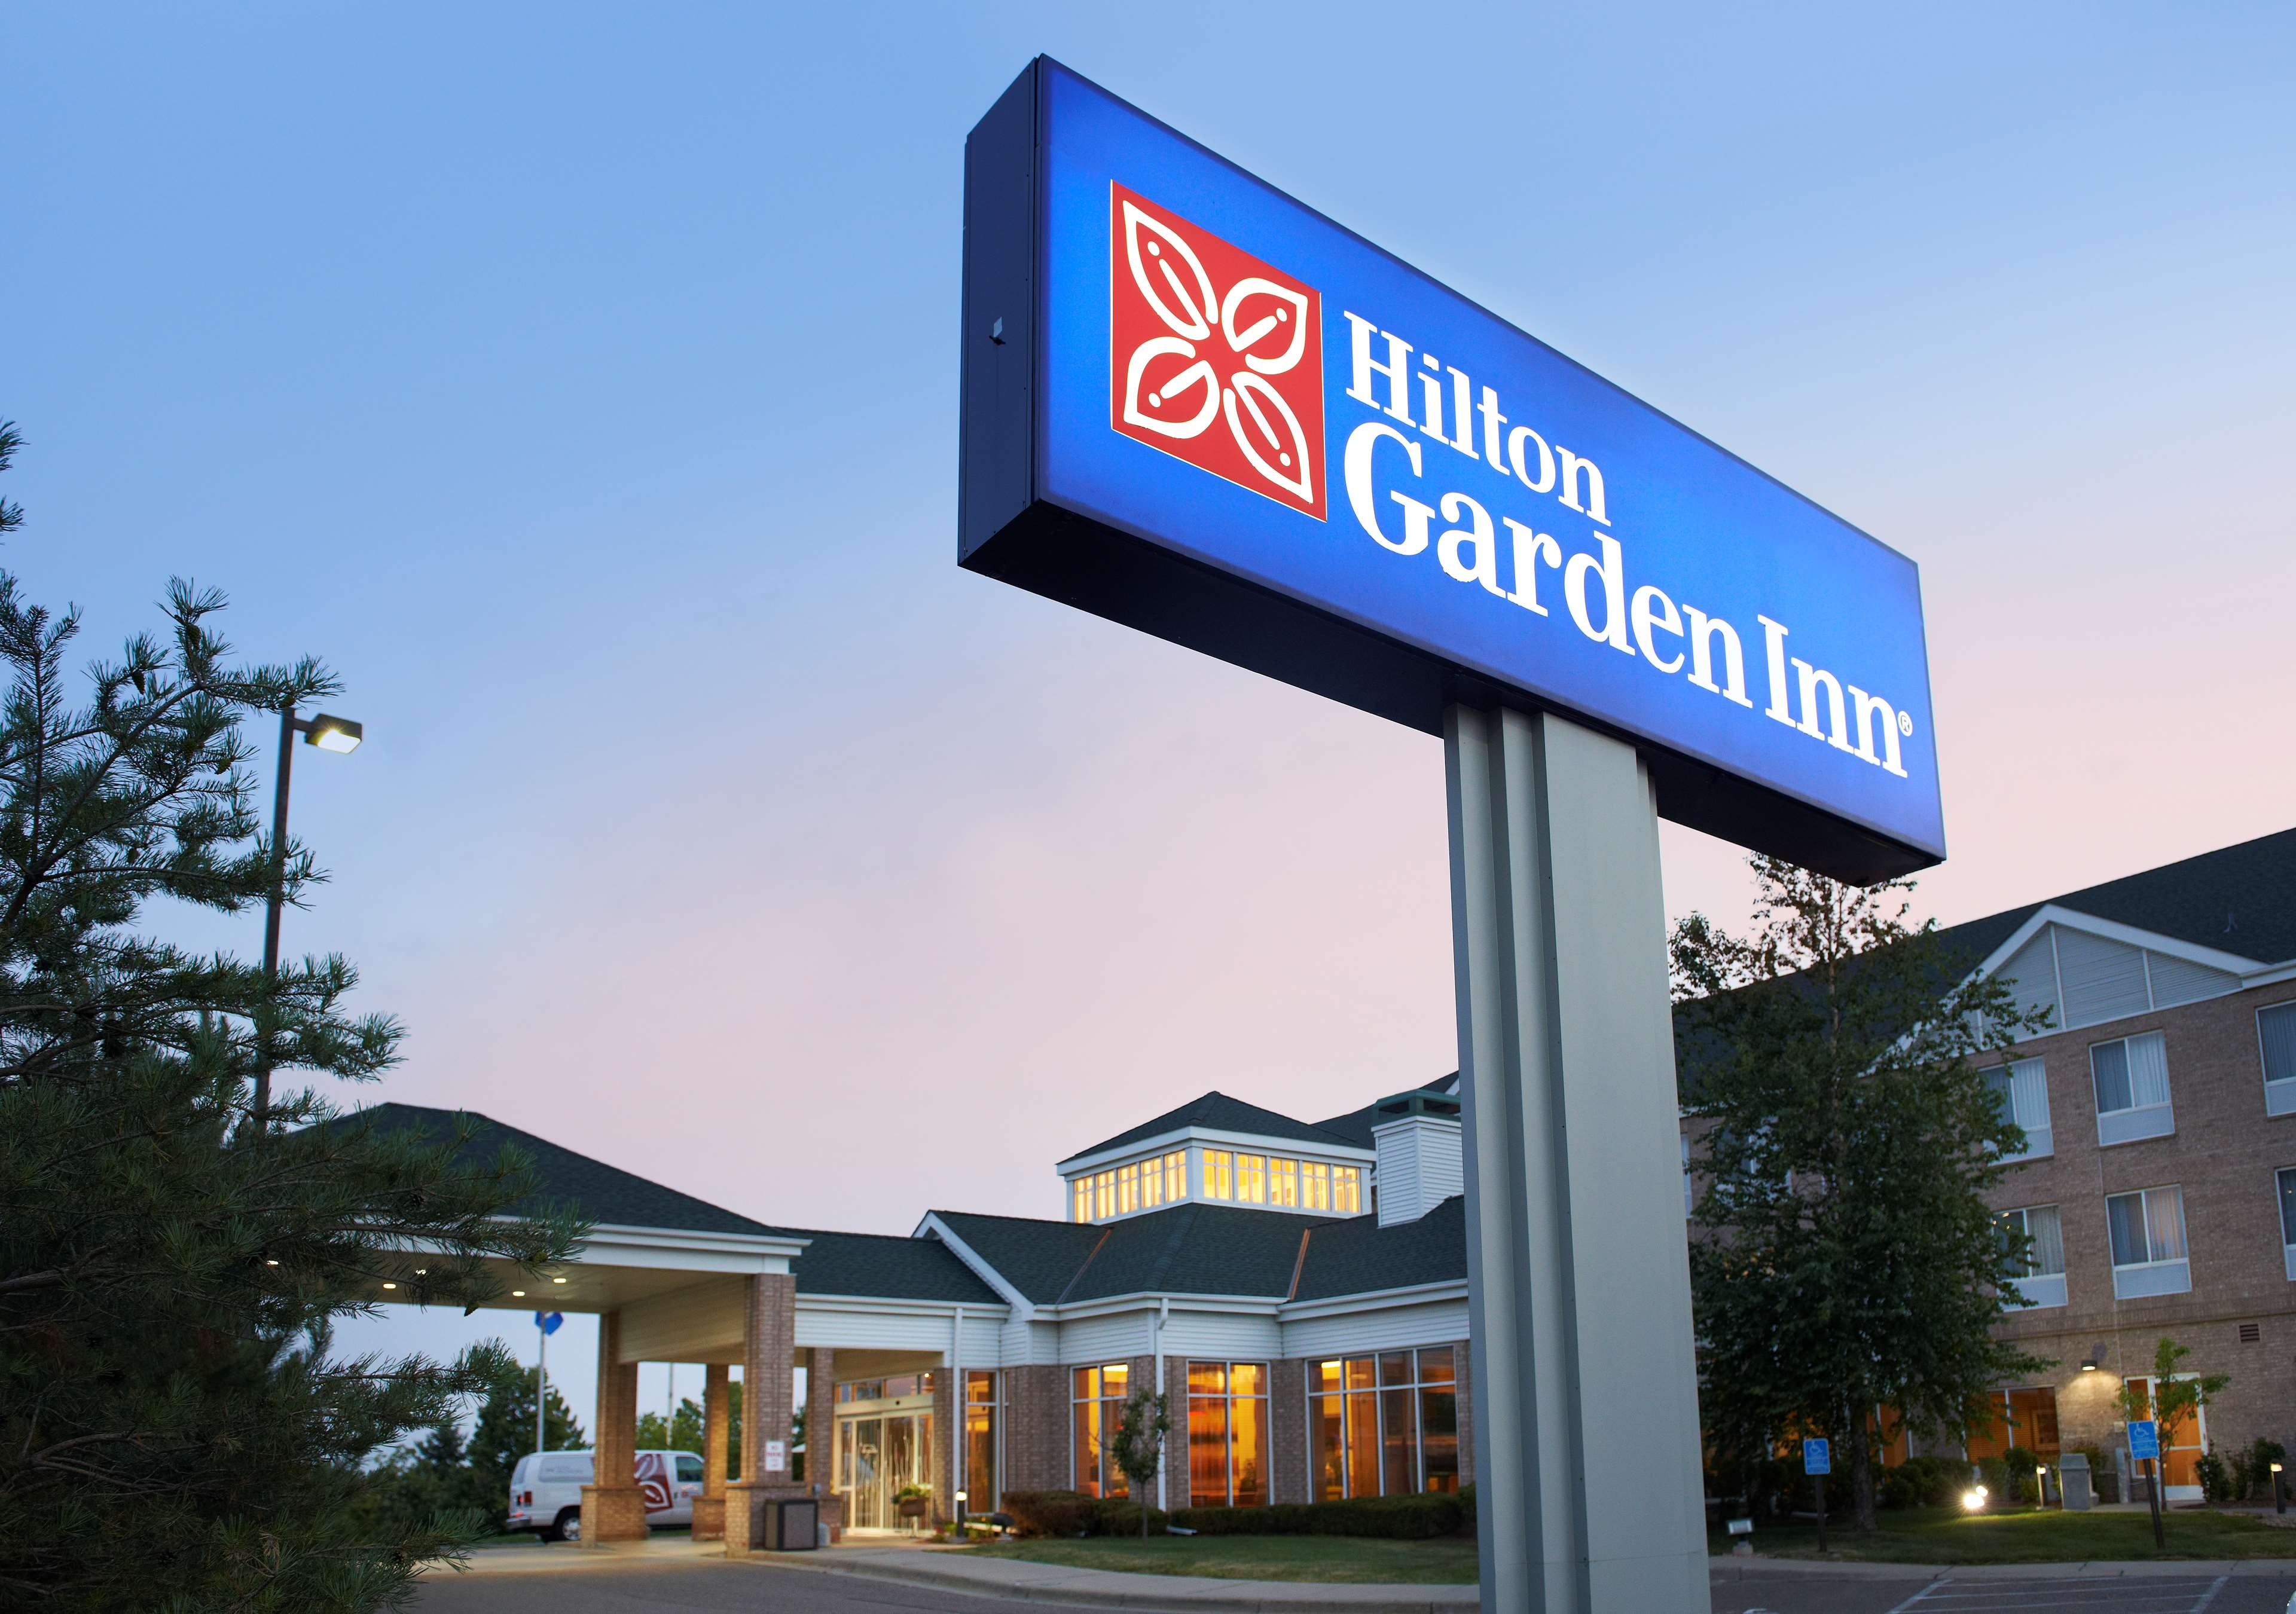 Hilton Garden Inn Minneapolis/Eden Prairie image 2